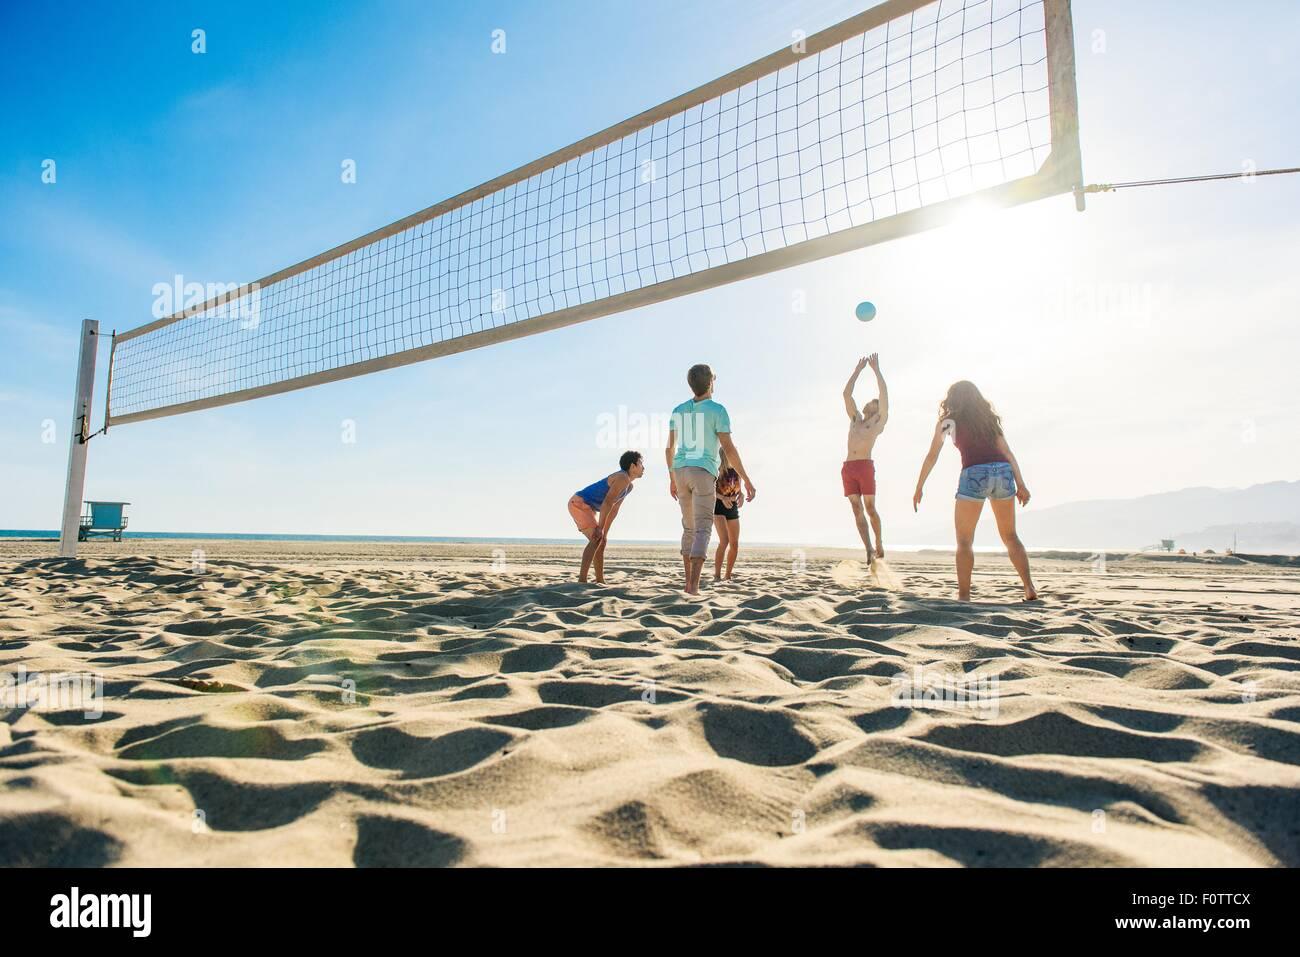 Gruppe von Freunden, die am Strand Volleyball spielen Stockbild